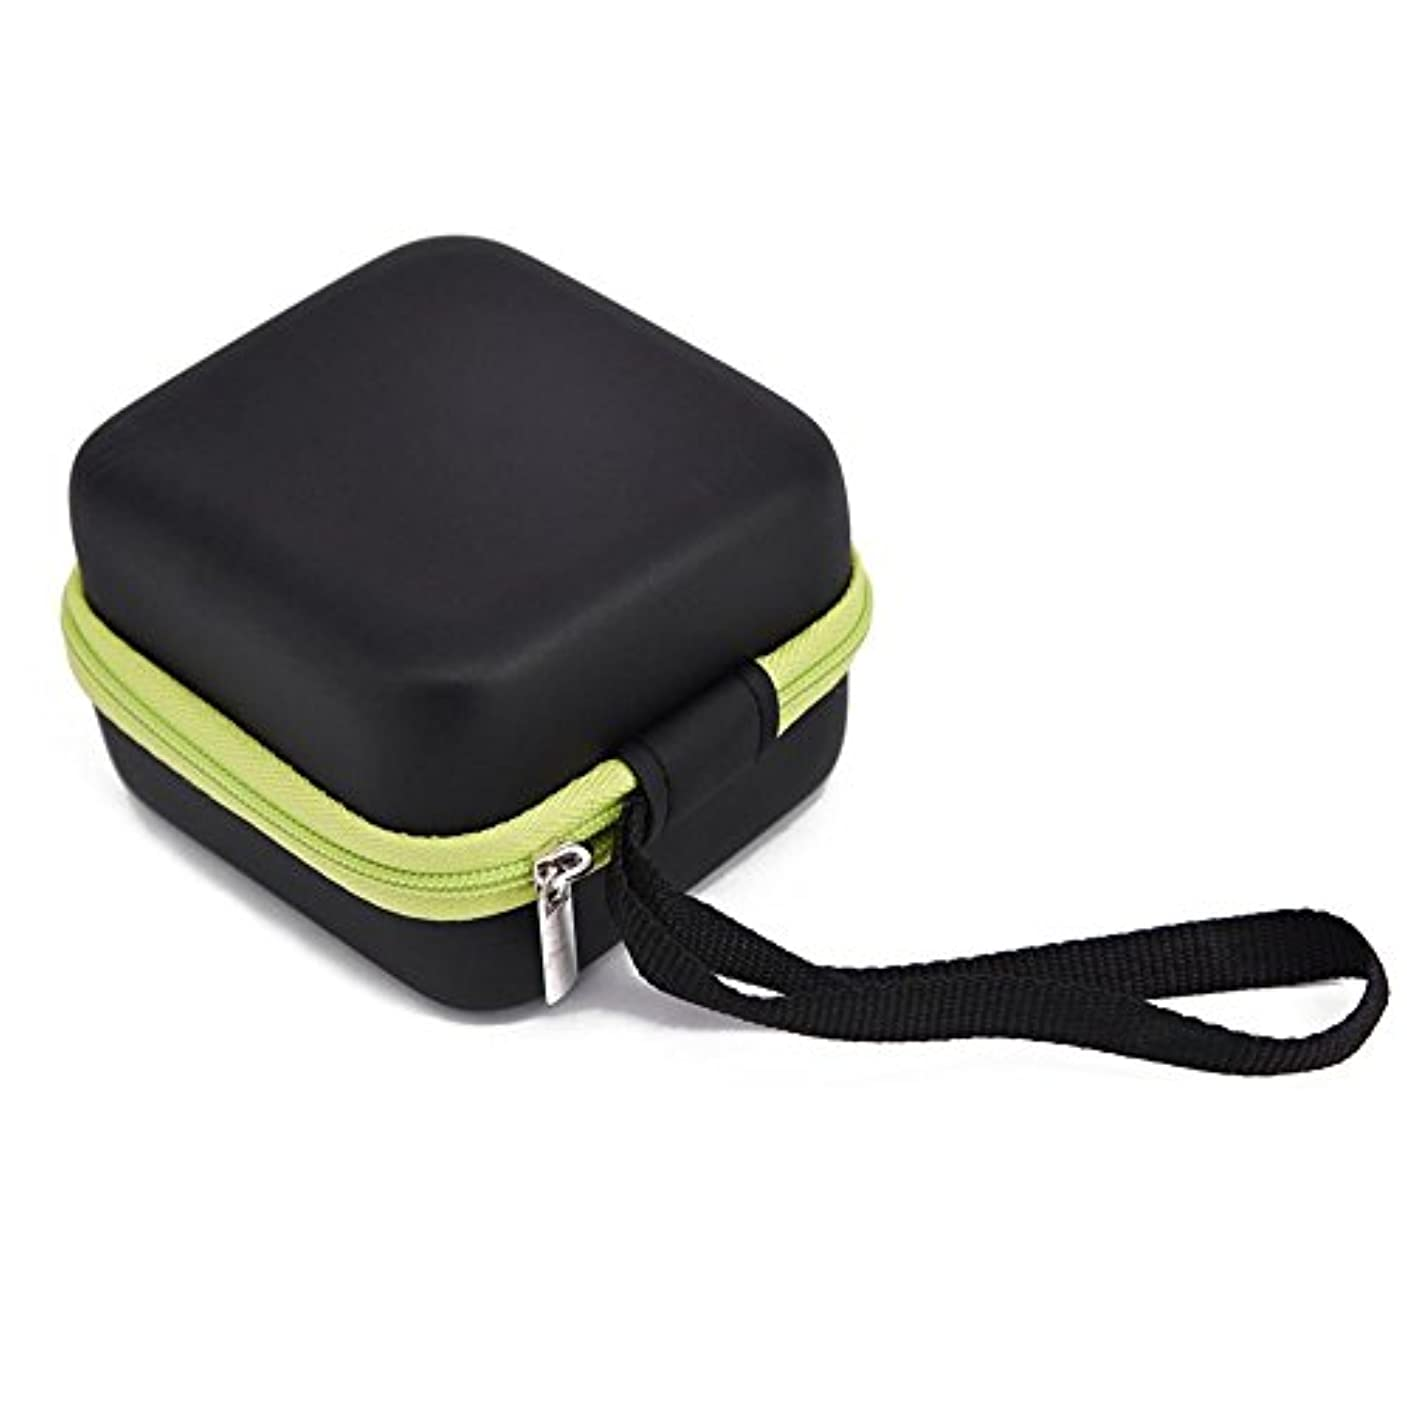 亜熱帯操縦するスナッチFarlong 7グリッド 5ML 精油貯蔵袋 エスニックスタイル オイル収納ボックス 人気の 精油 ケース 5色